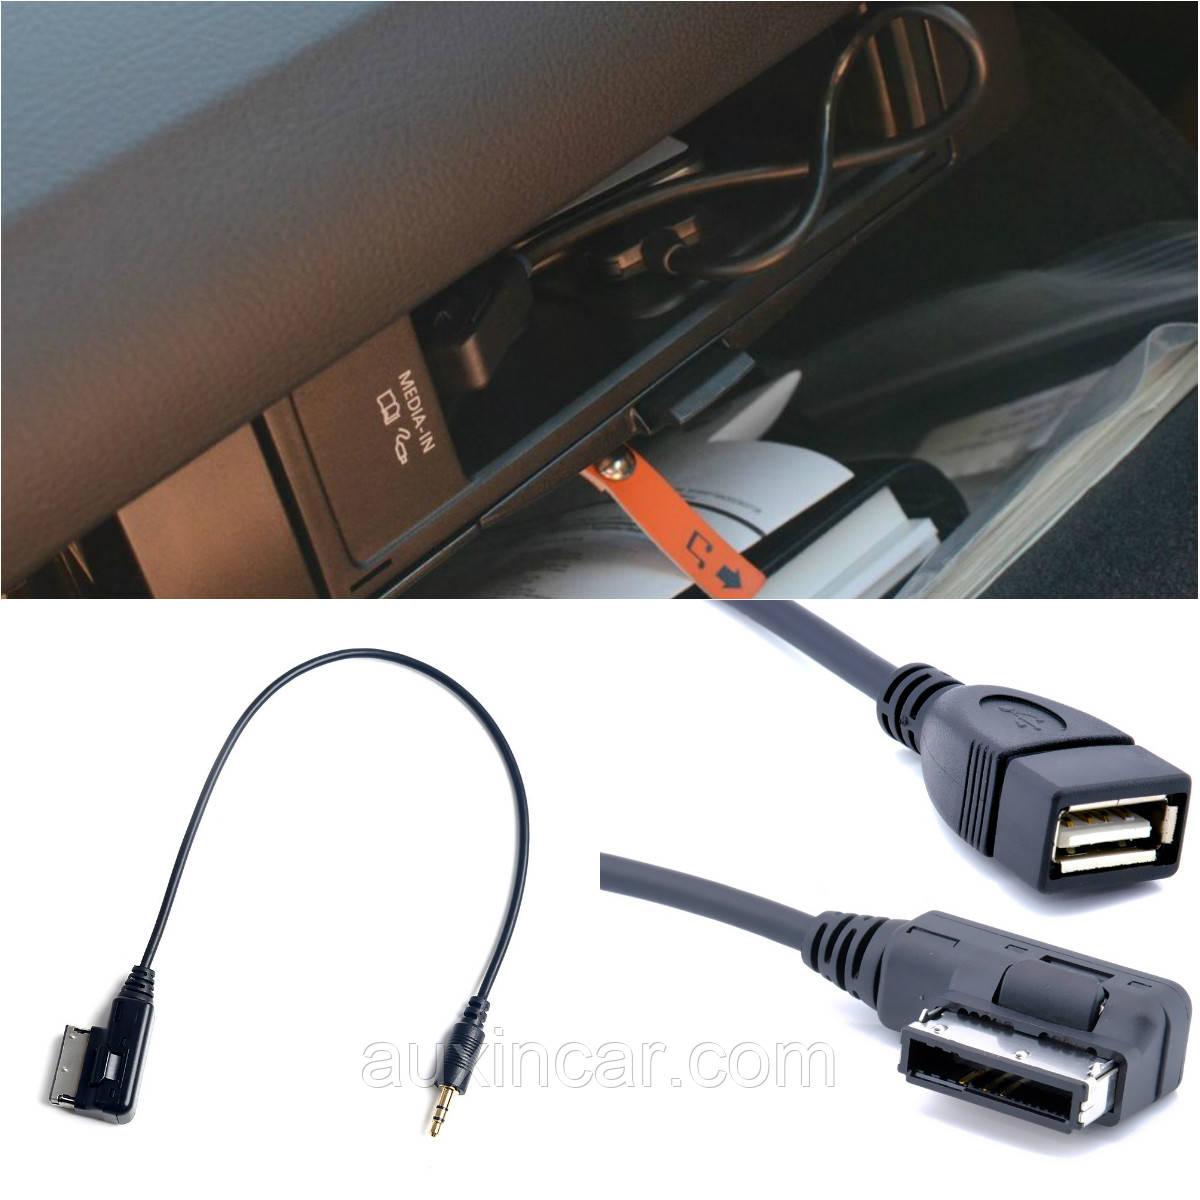 USB или AUX кабель для штатной магнитолы Skoda с MDI media